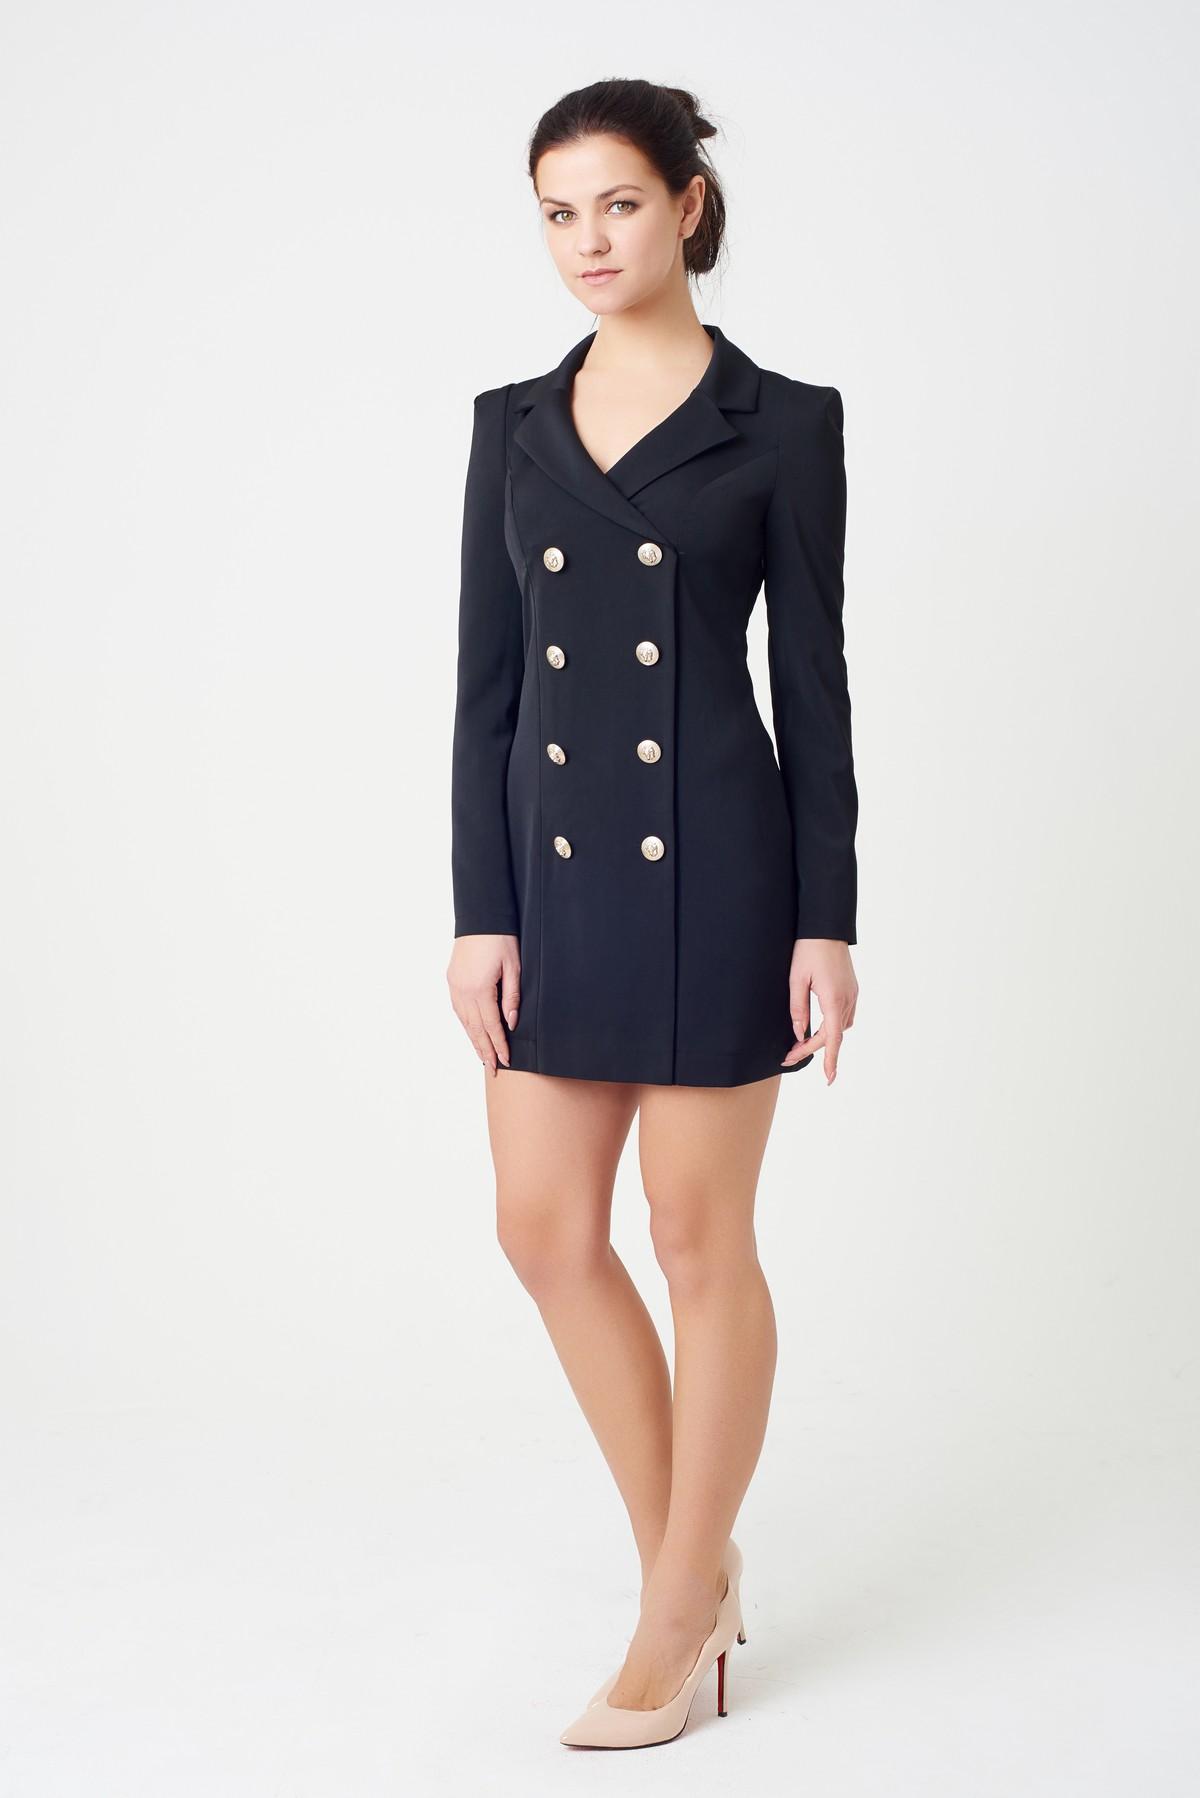 Пиджаки для нарядного платья